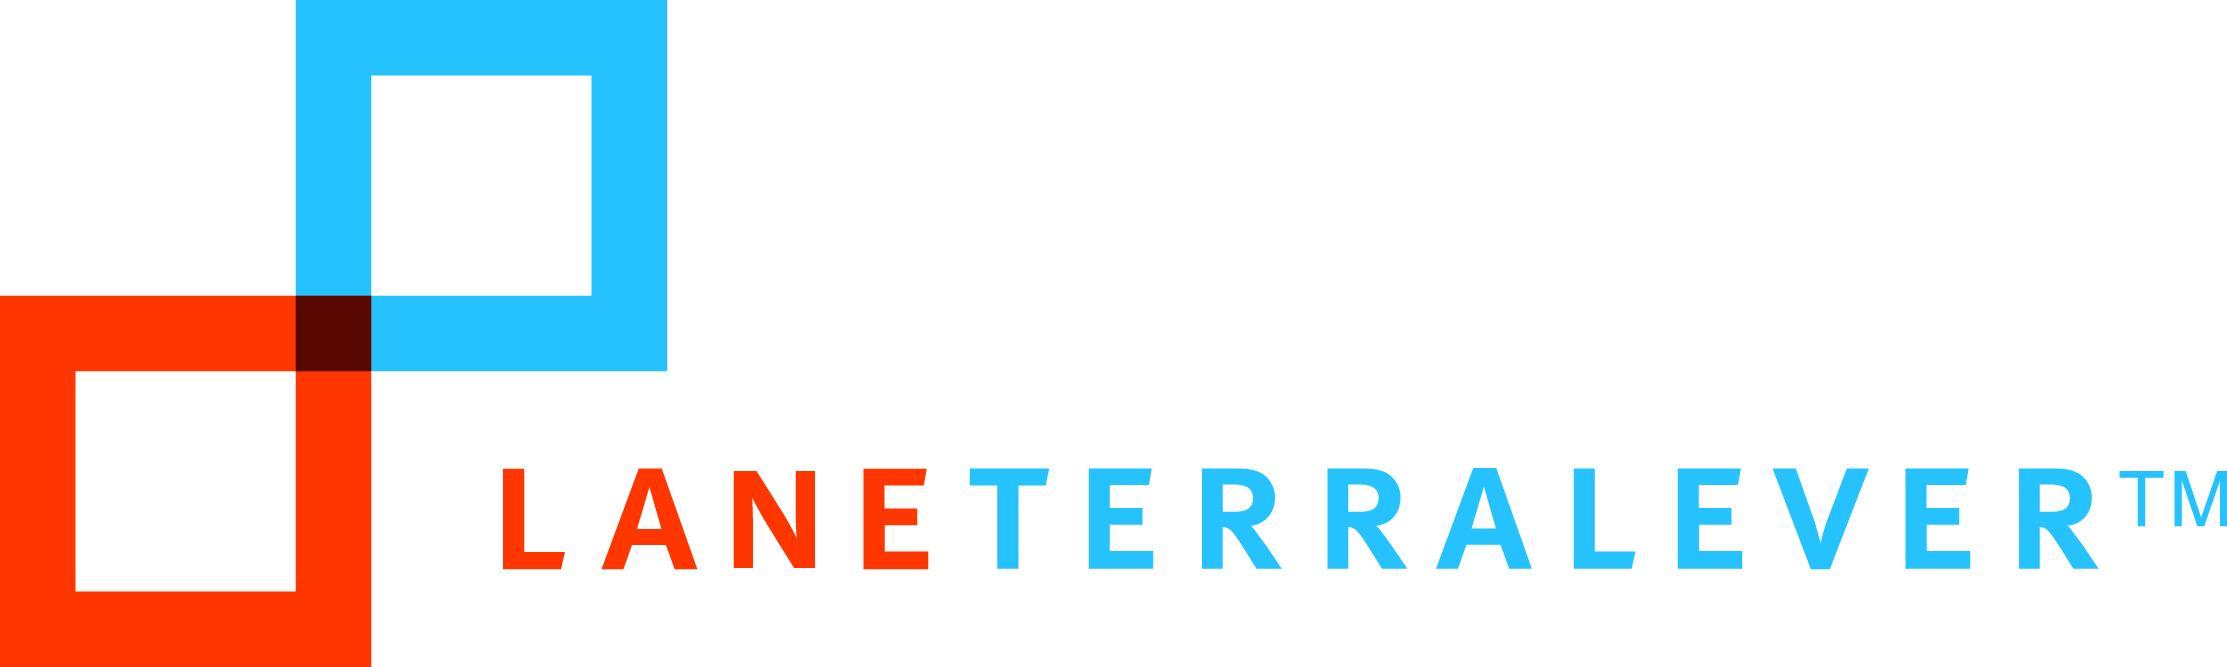 LaneTerralever_Logo_calogo1157.jpg